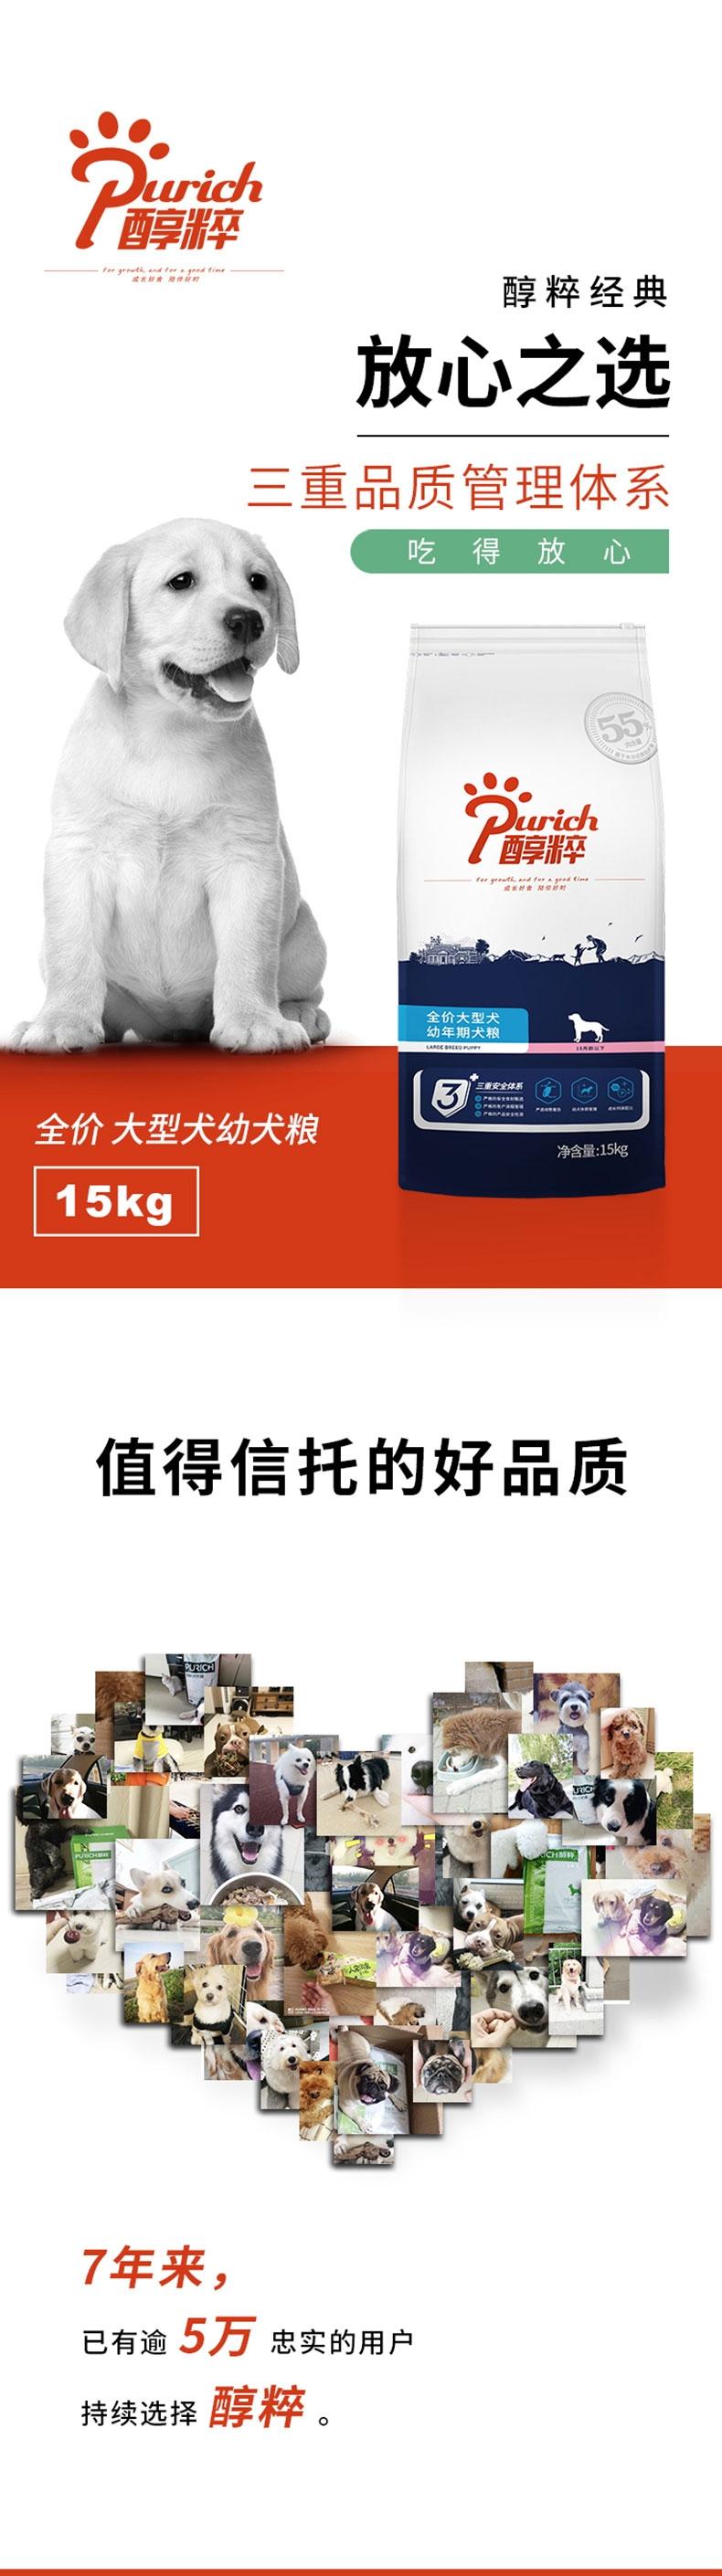 醇粹 大型犬幼犬粮 15kg 55%肉含量